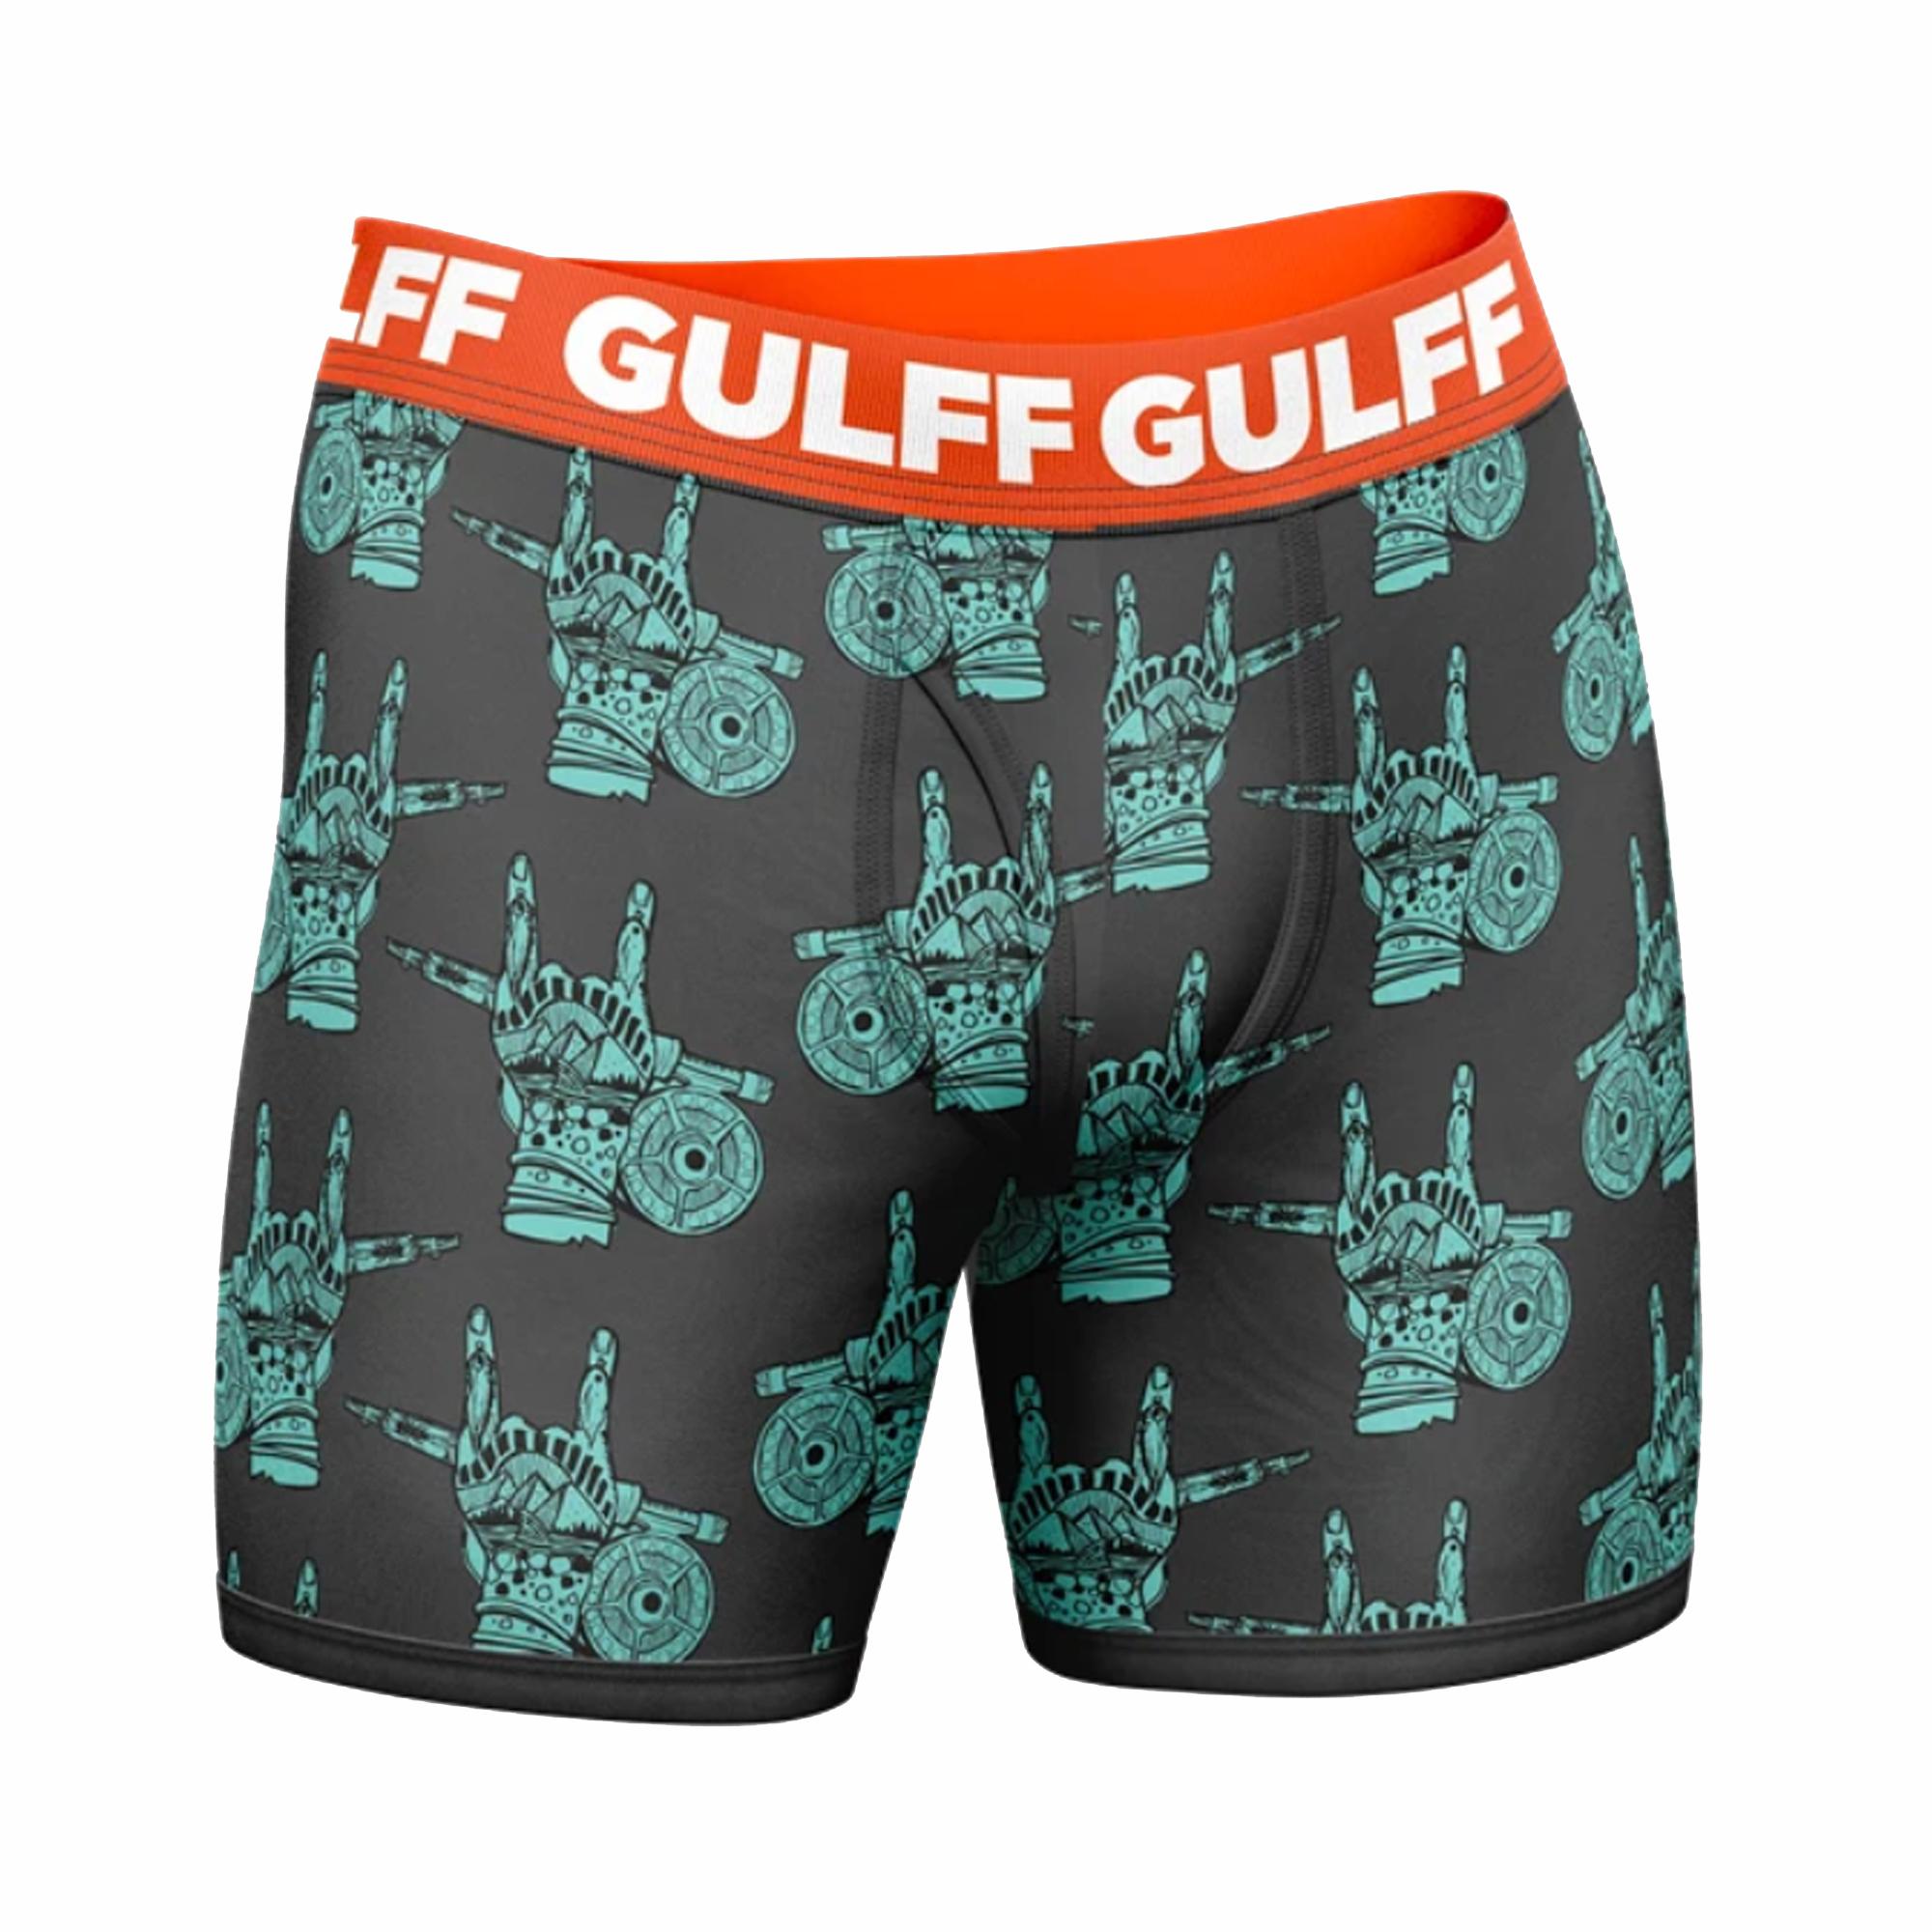 Gulff-Underwear